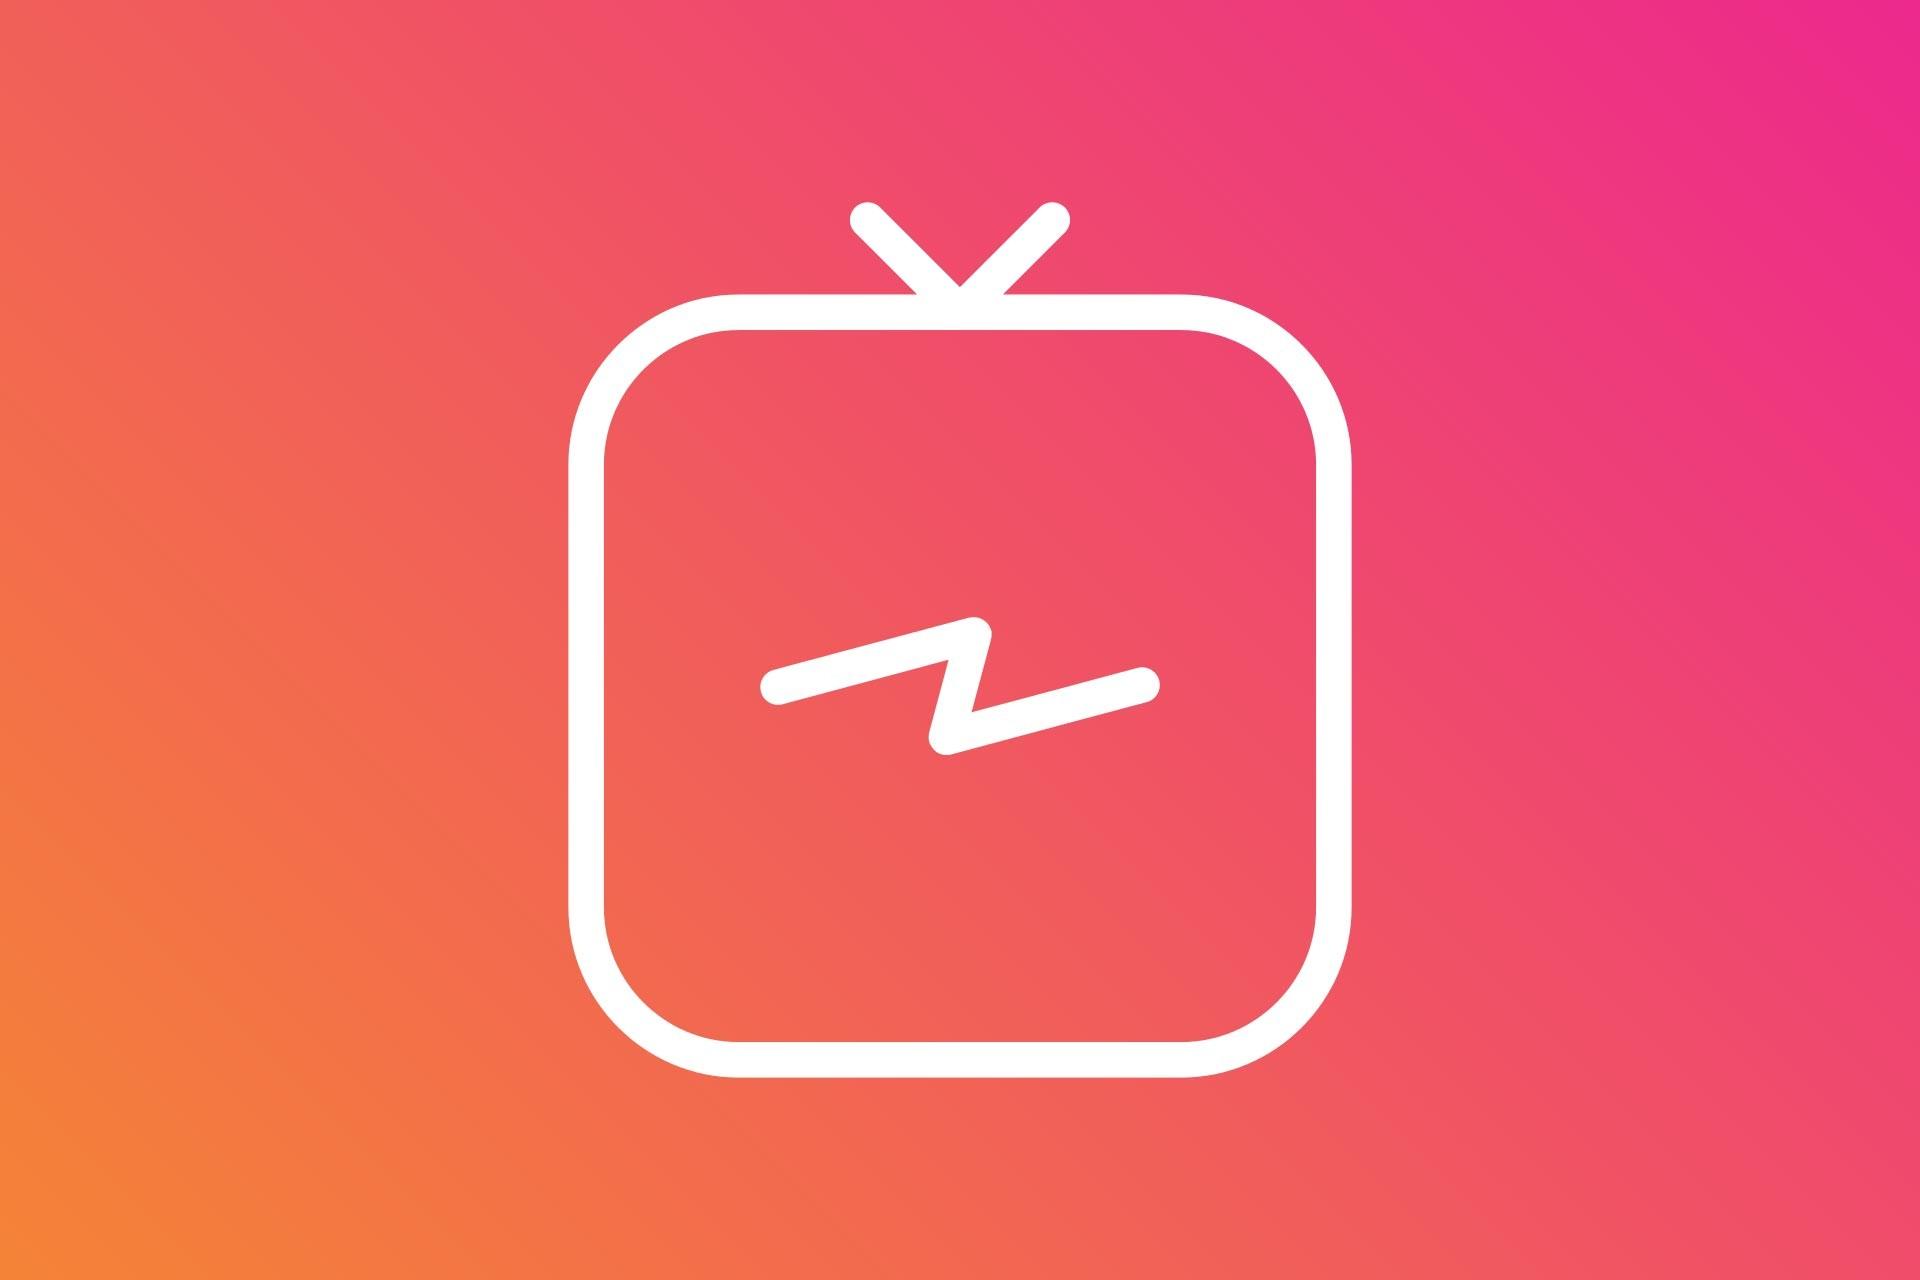 IGTV artık yatay videoları da destekliyor